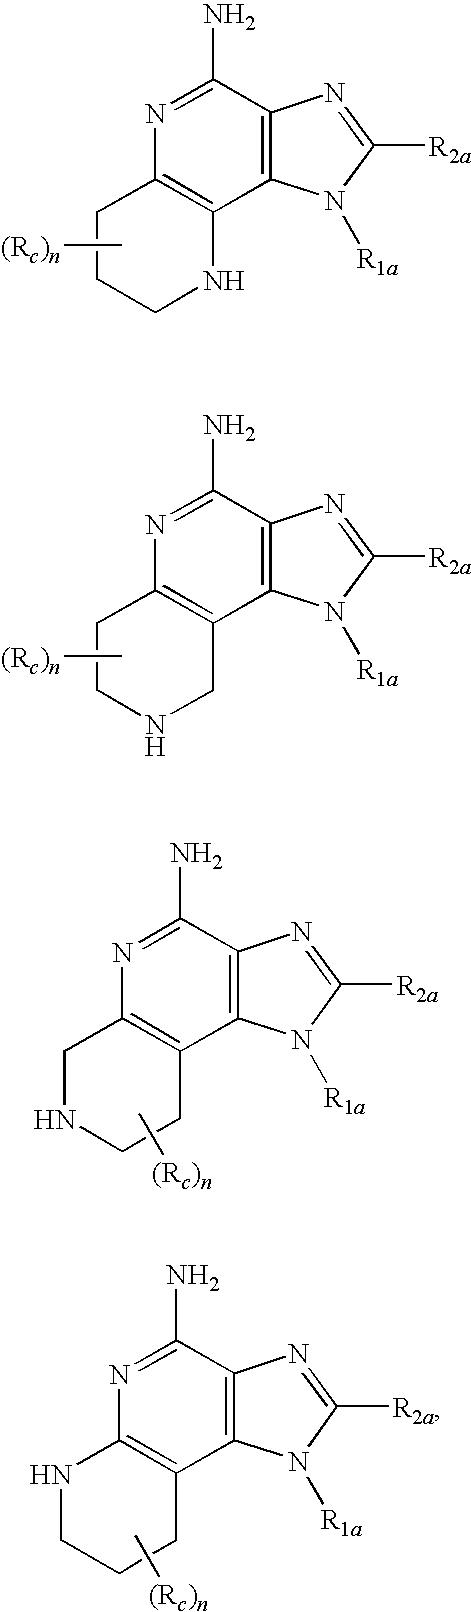 Figure US20090270443A1-20091029-C00074